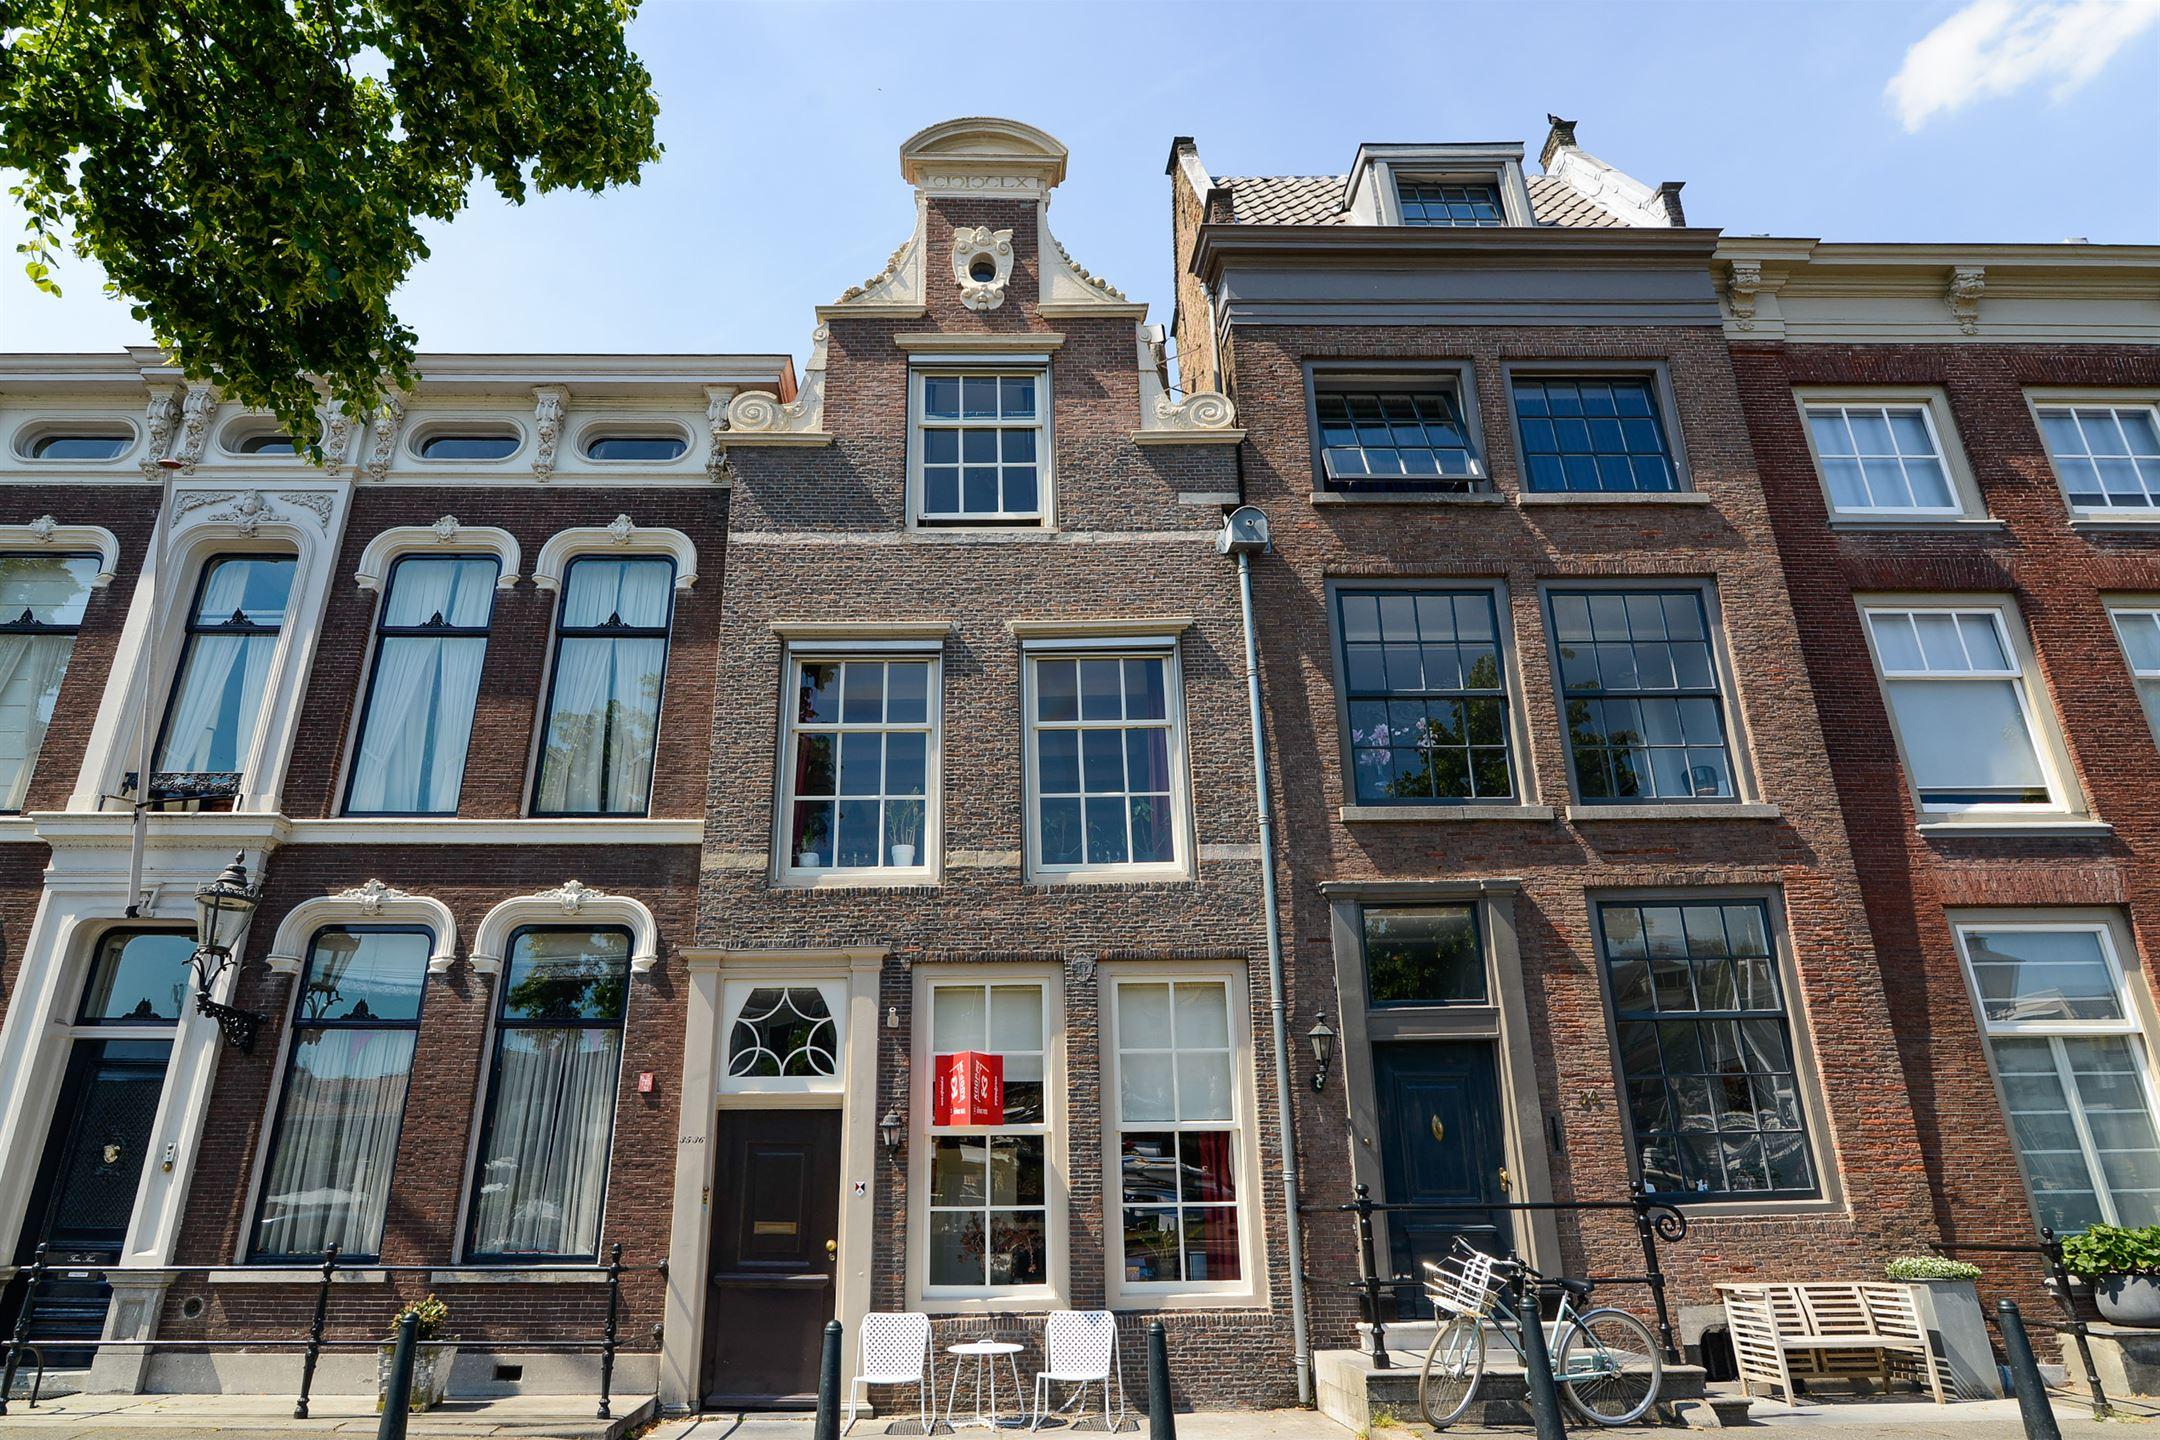 Nieuwe Badkamer Dordrecht : Verkocht: nieuwe haven 36 3311 ar dordrecht [funda]